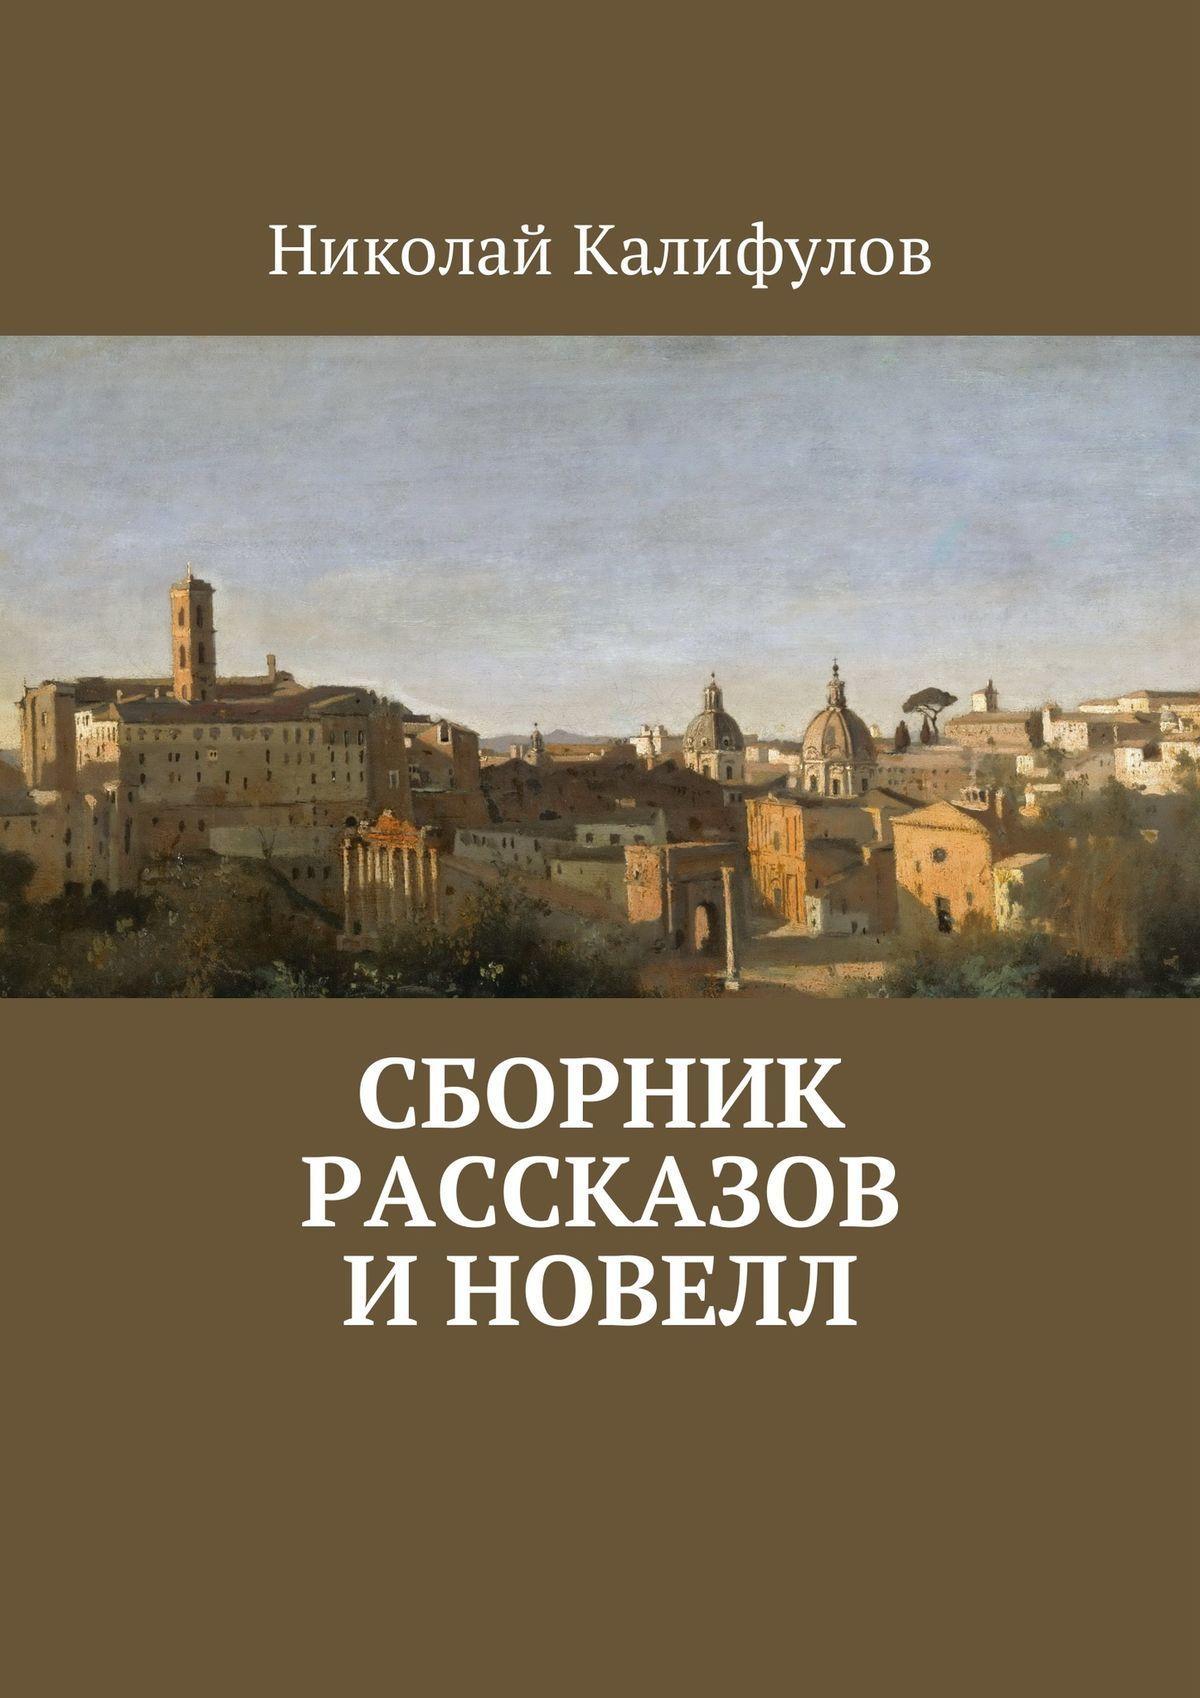 Николай Михайлович Калифулов Сборник рассказов и новелл